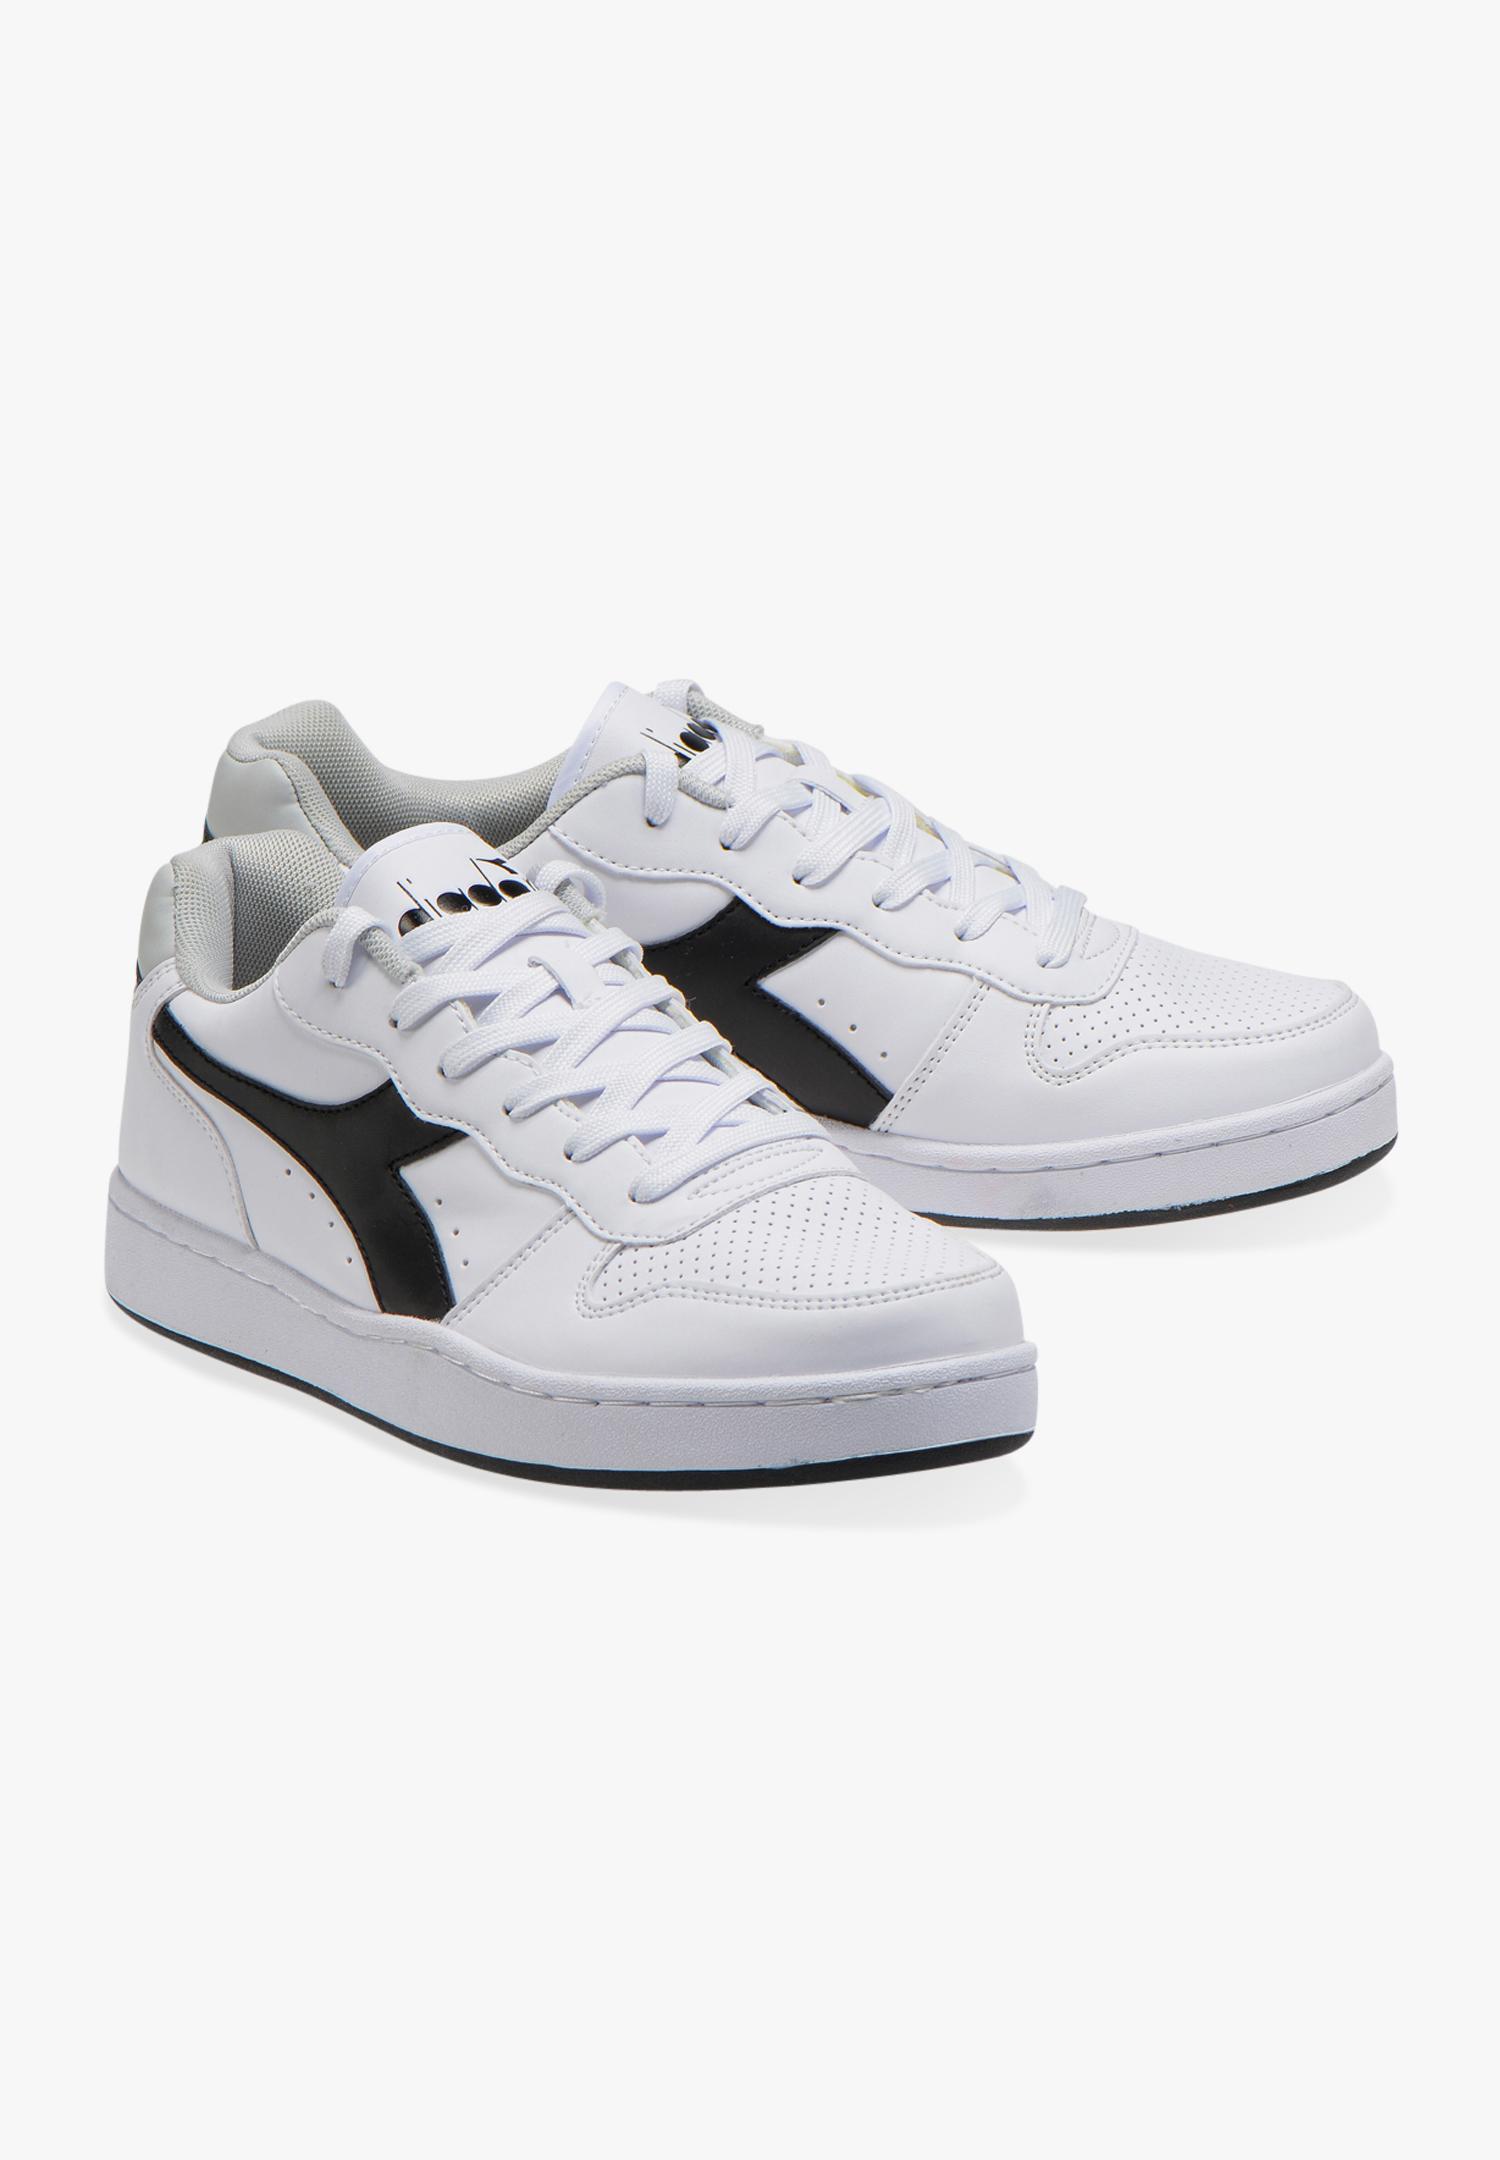 Scarpe-Diadora-Playground-Sneakers-sportive-uomo-donna-vari-colori-piu-taglie miniatura 42